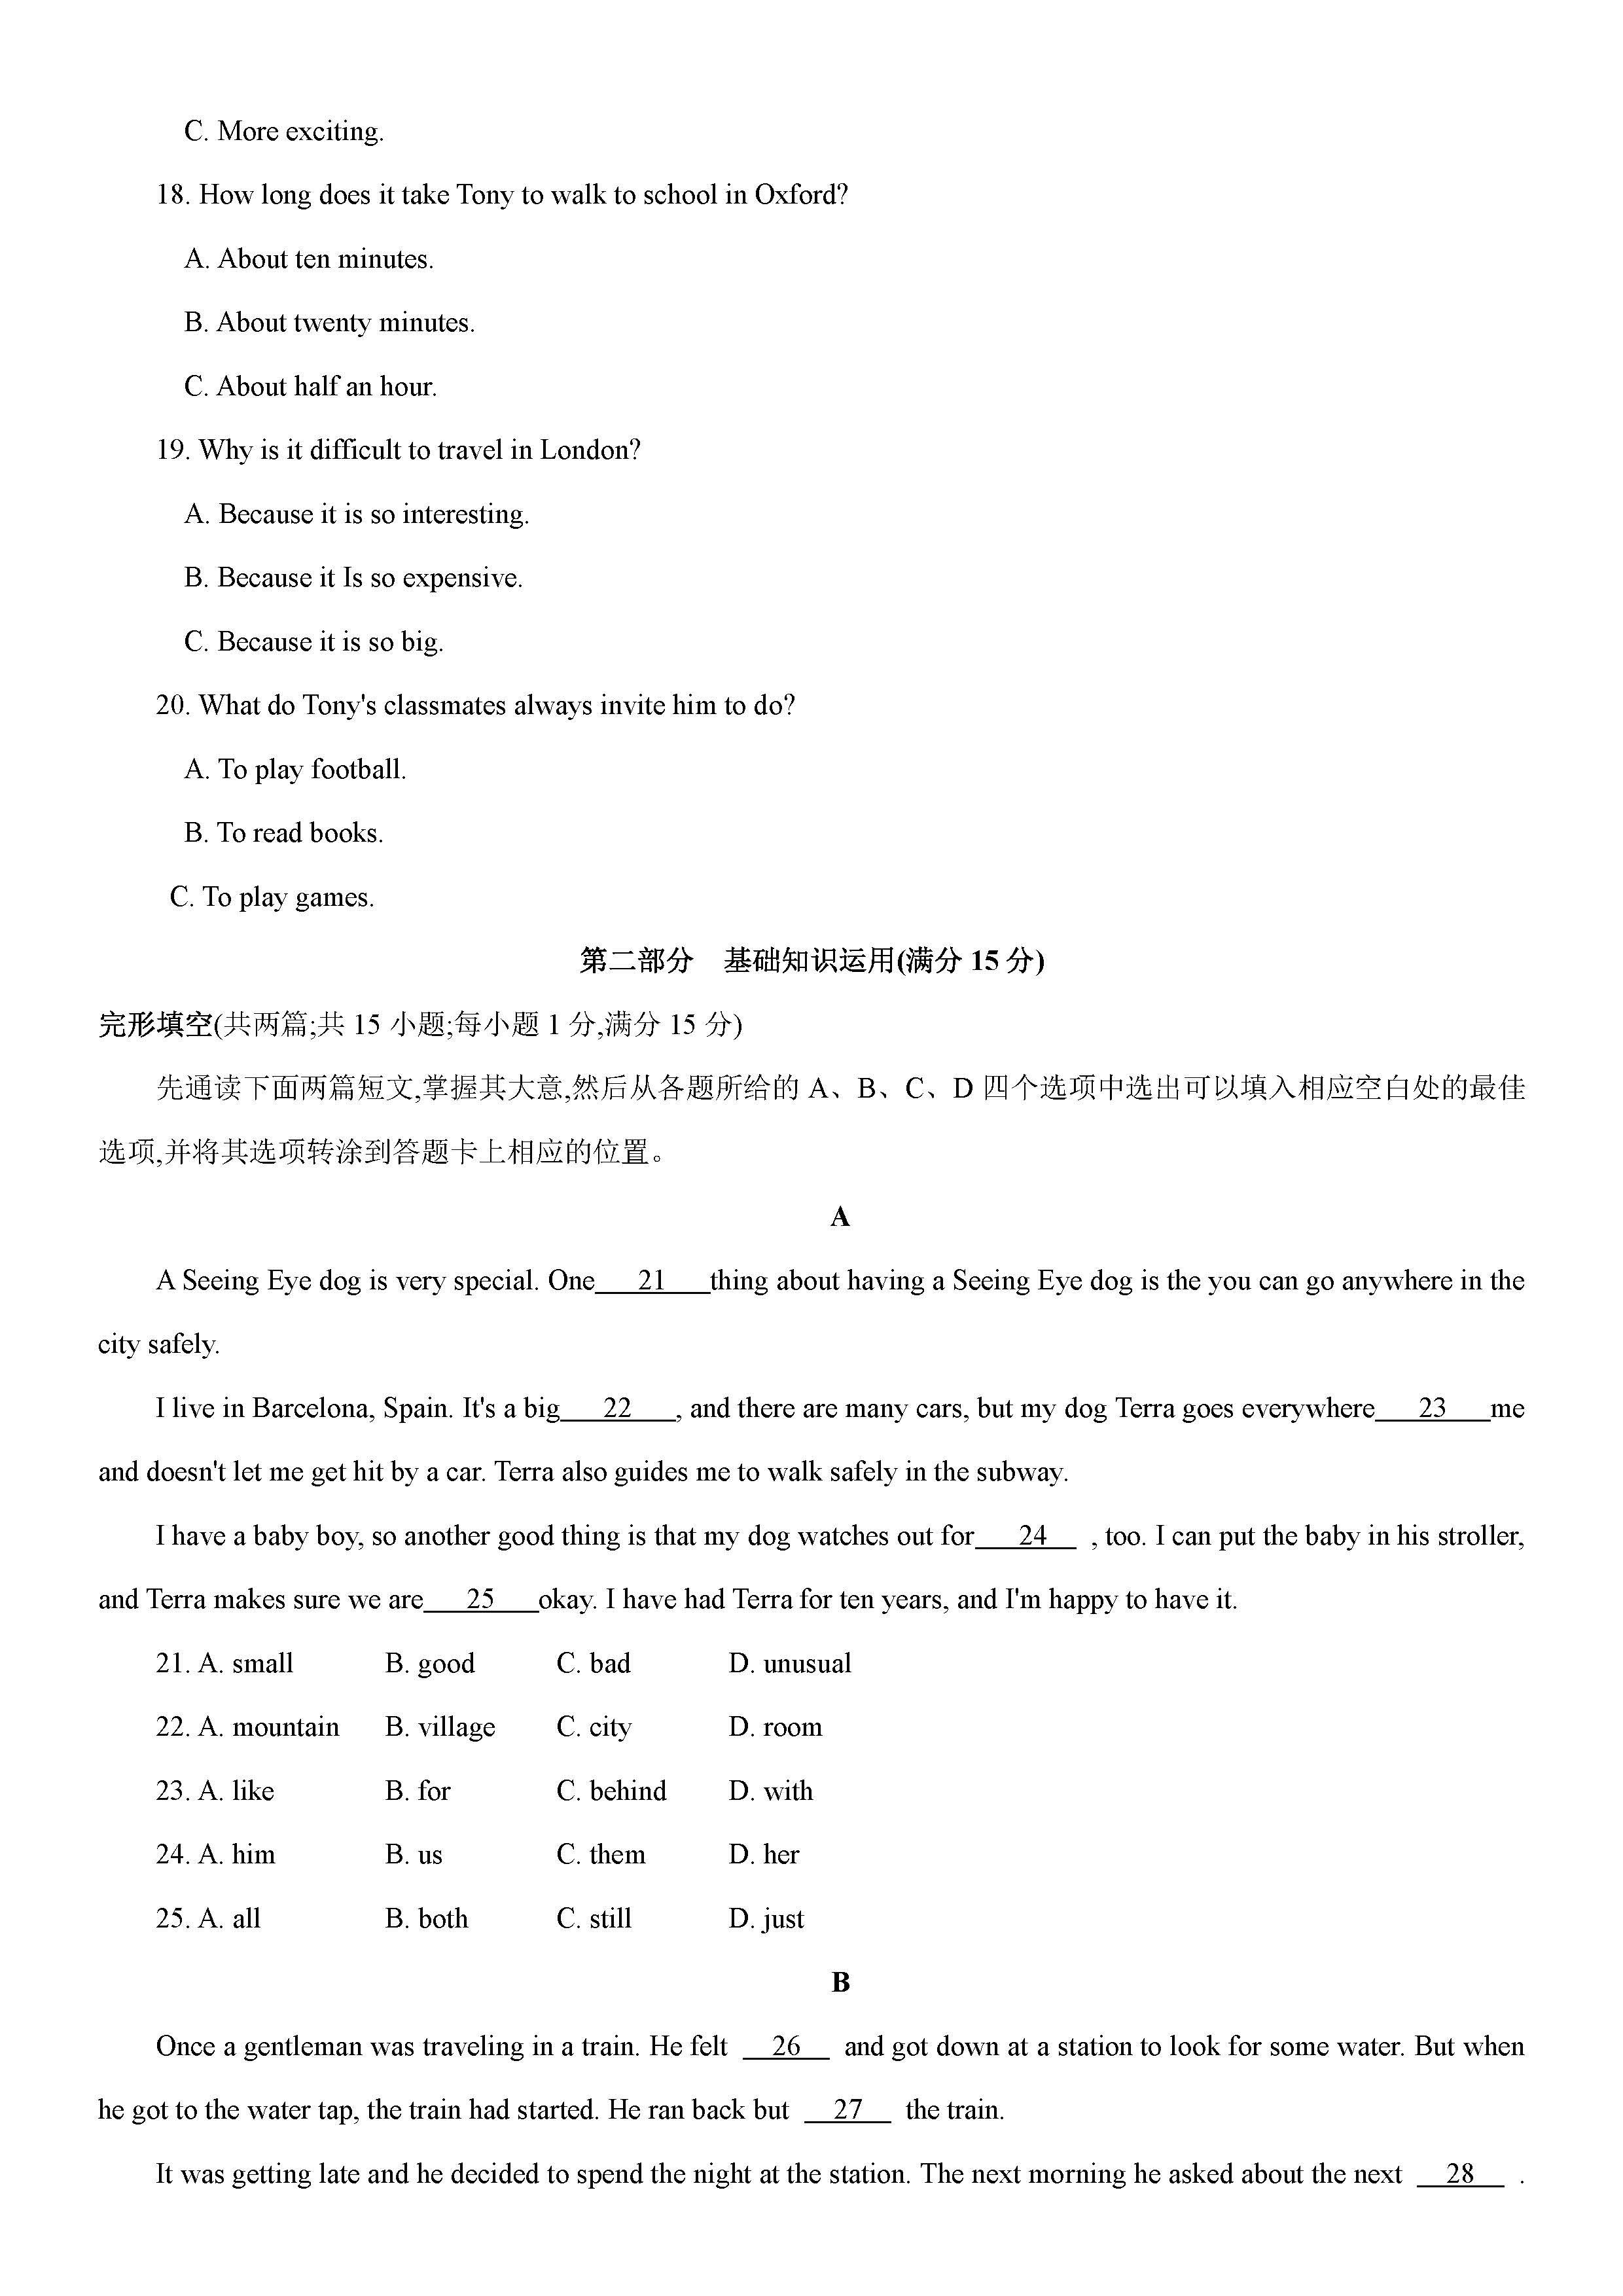 2018广安中考英语试题及答案解析(图片版含答案)